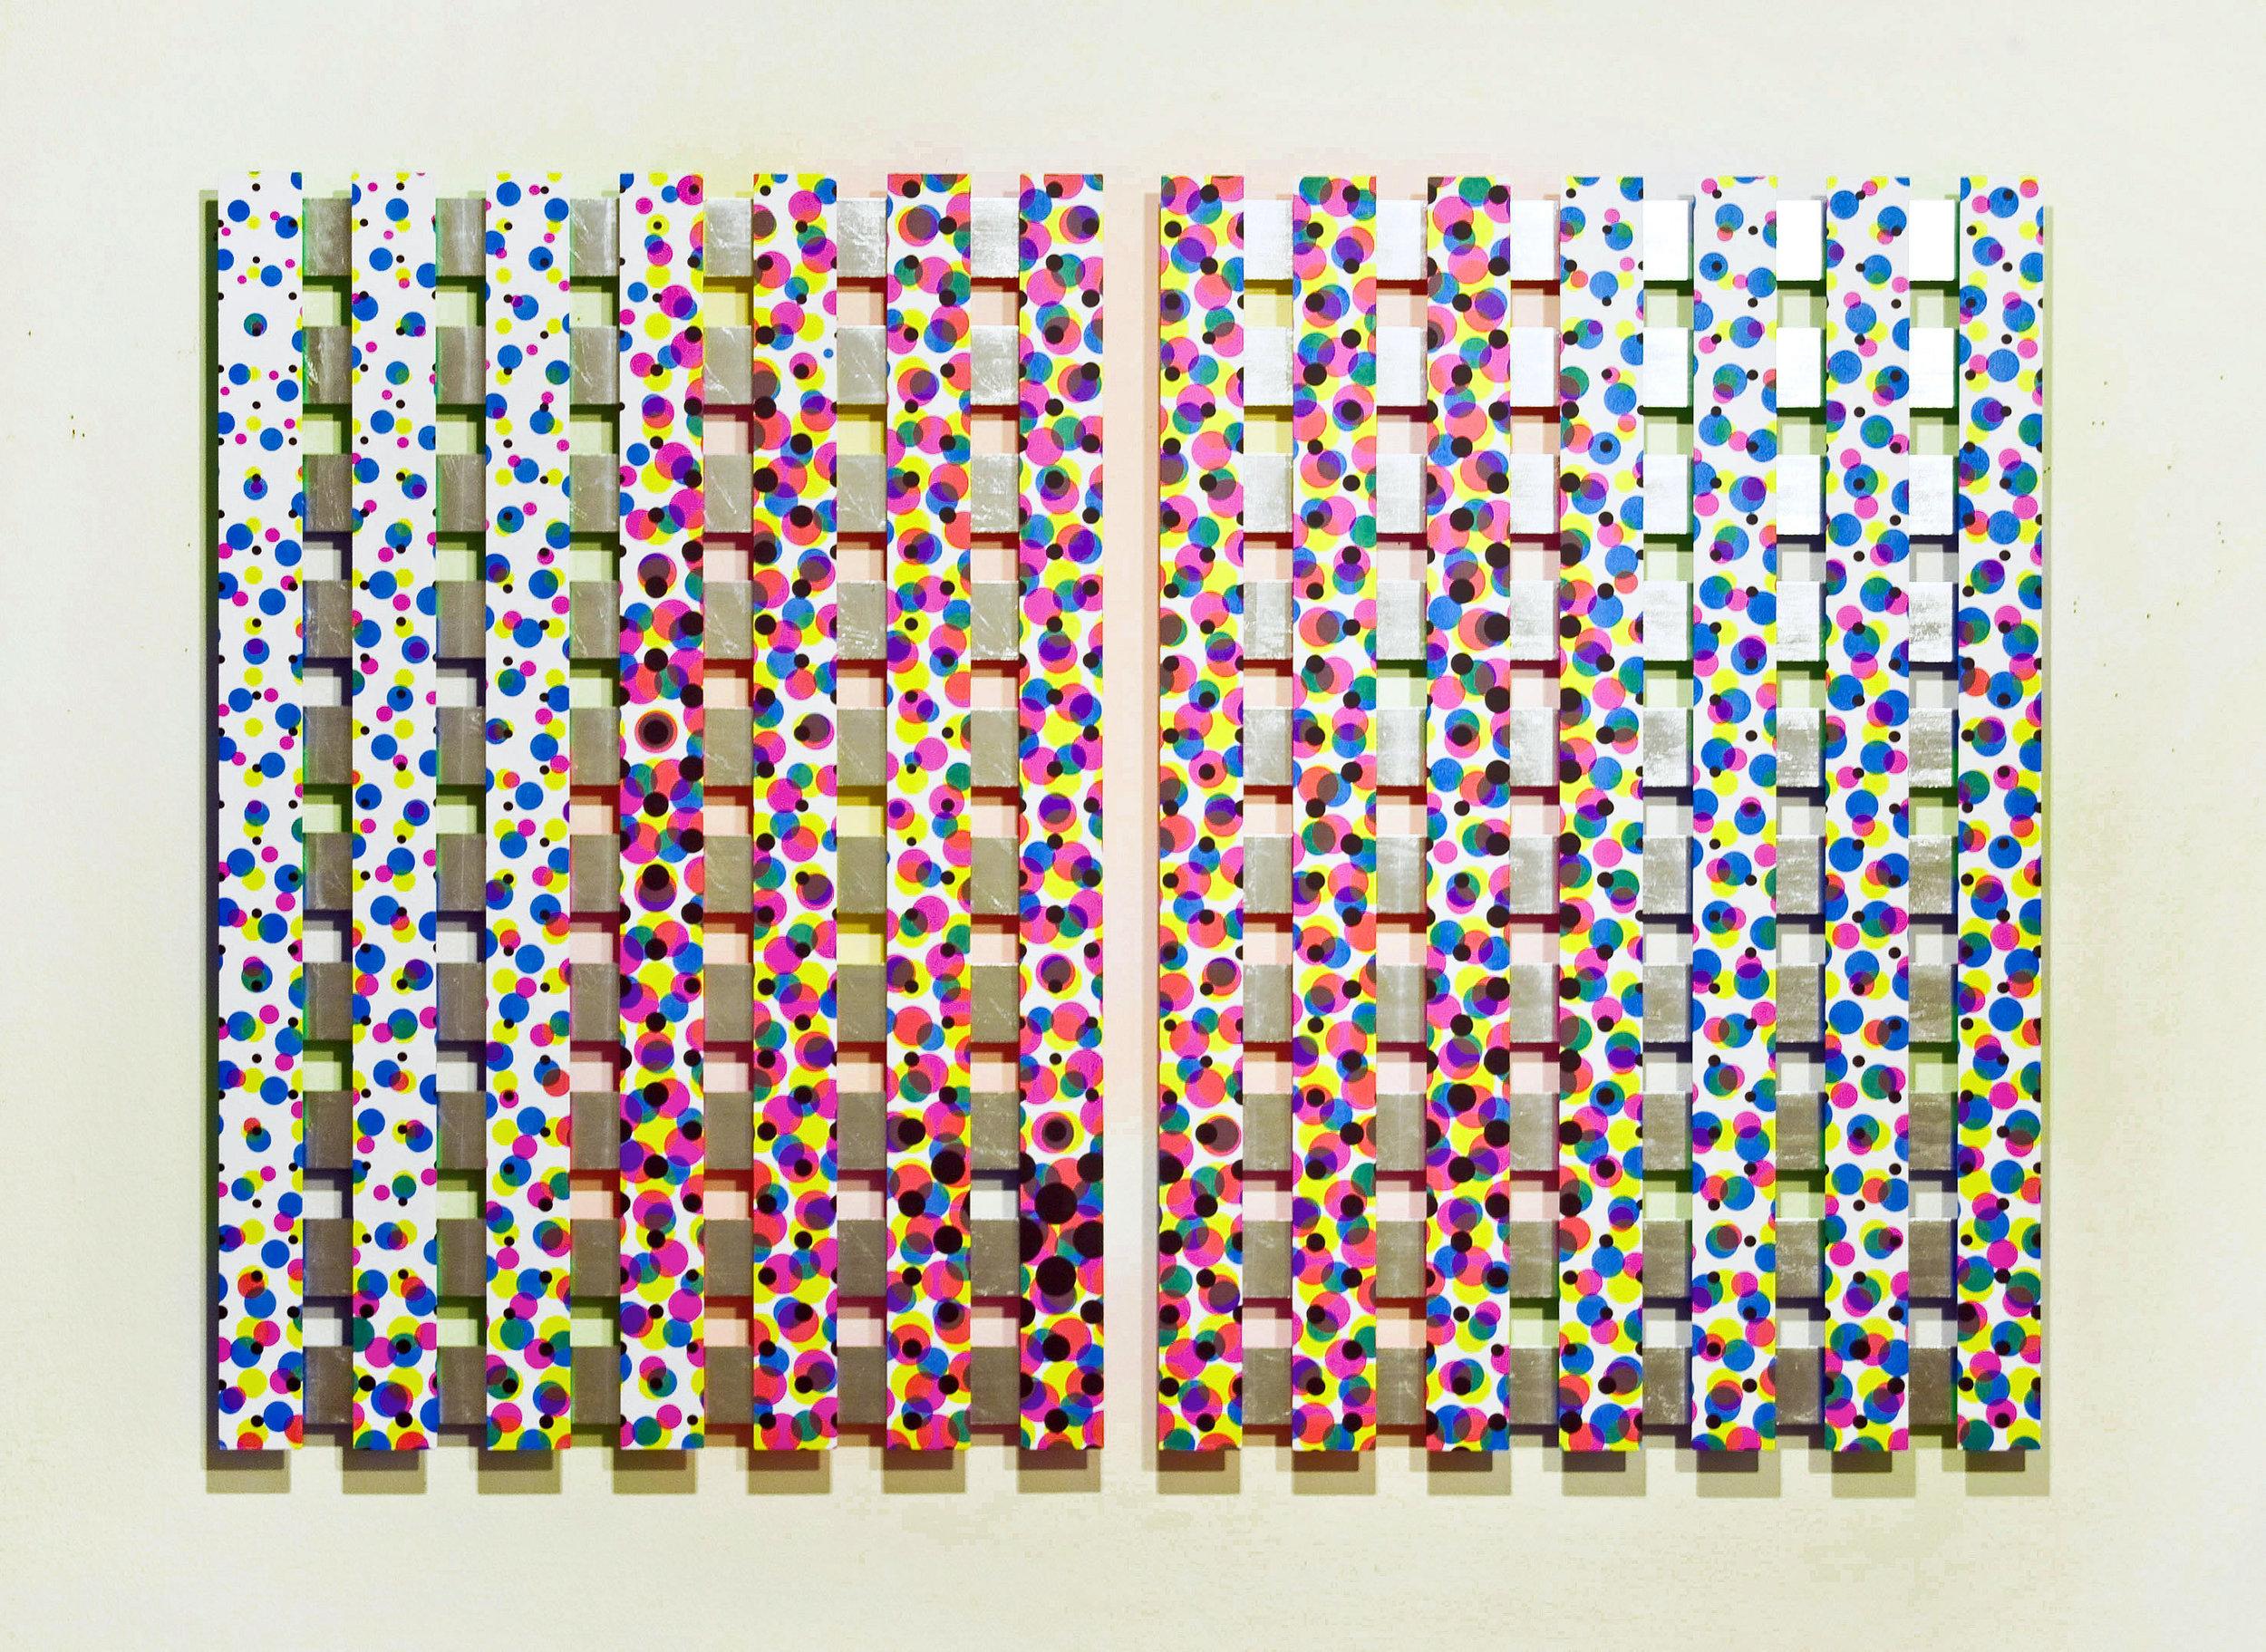 akril, les, 139 x 197 cm, 2011